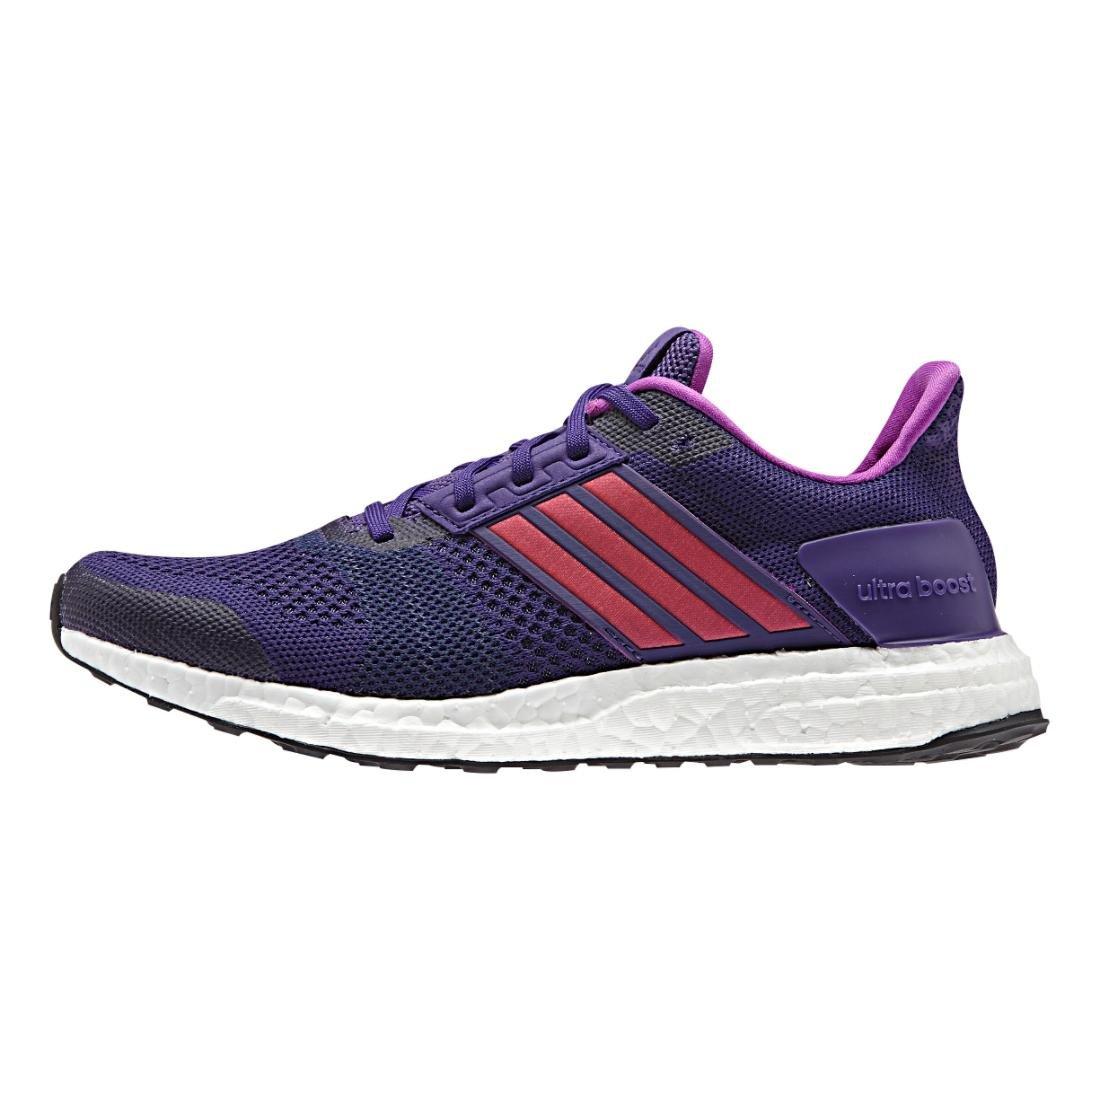 5b638c151e92f adidas Women s Ultra Boost St W Running Shoe  Amazon.co.uk  Shoes   Bags